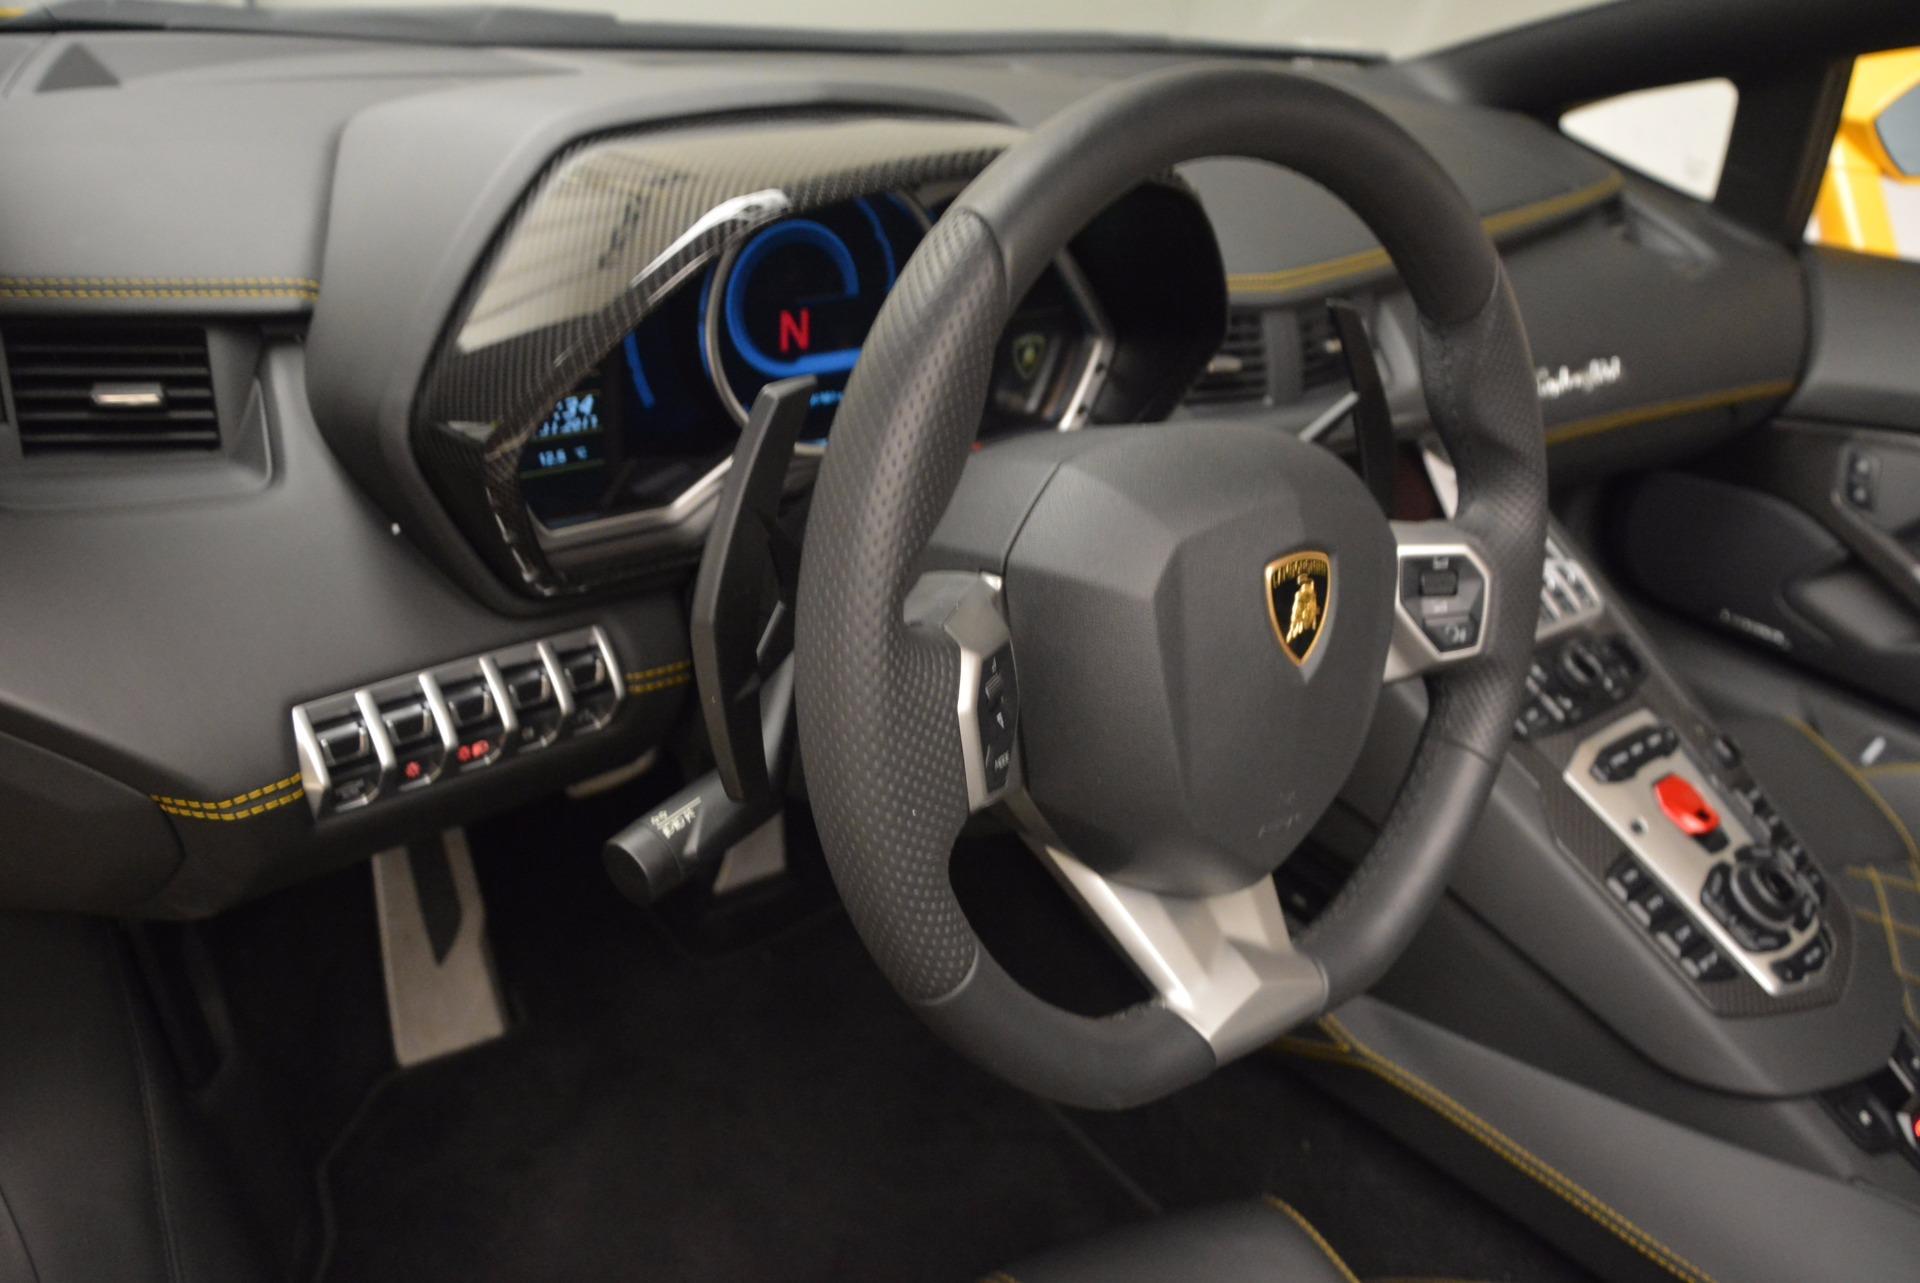 Used 2015 Lamborghini Aventador LP 700-4 Roadster For Sale In Greenwich, CT. Alfa Romeo of Greenwich, 7284 1774_p18